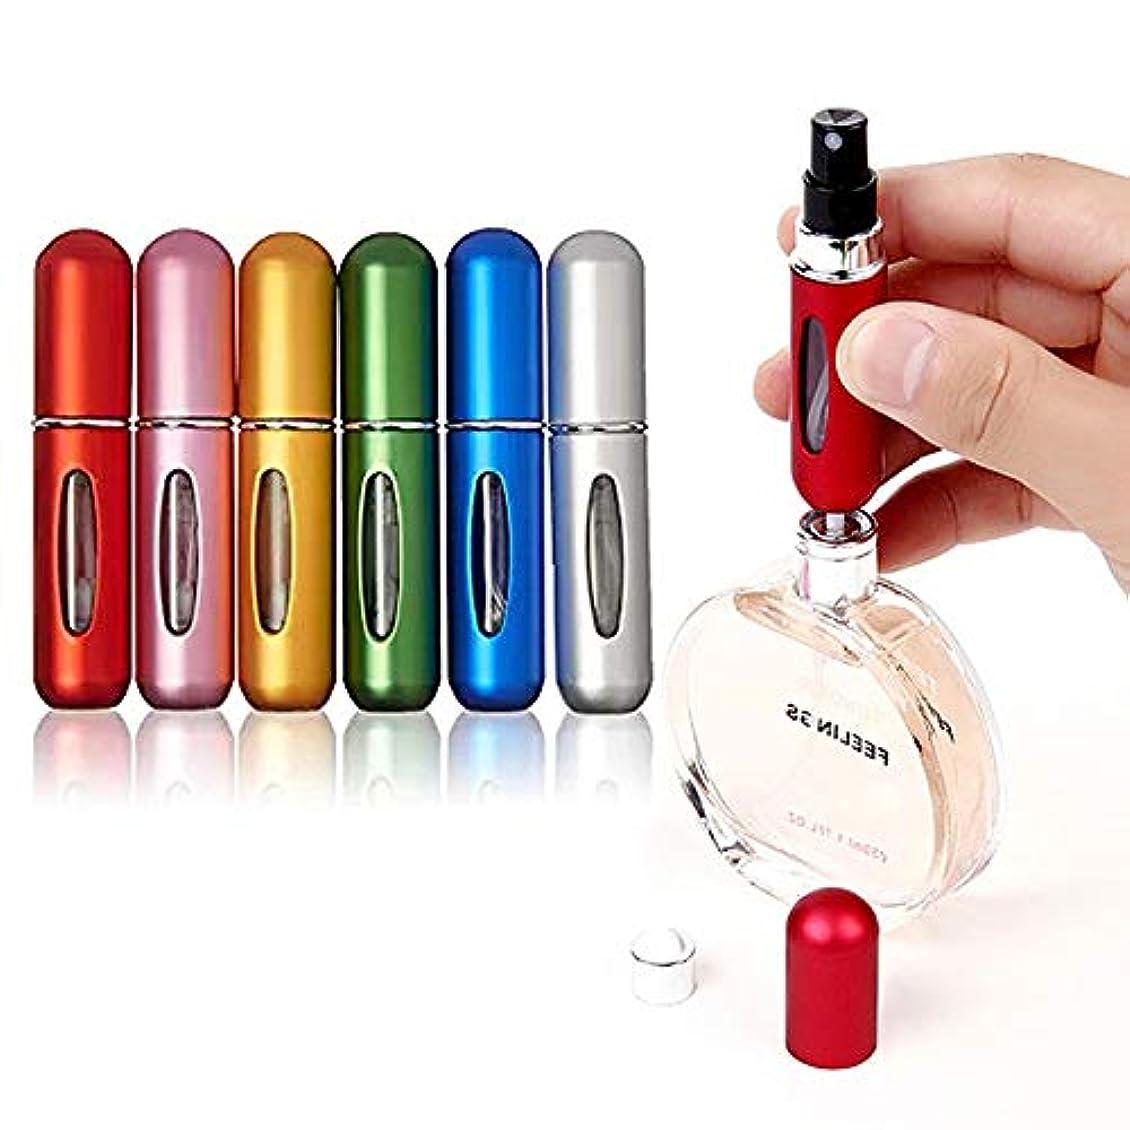 論理的正統派咳香水 クイック アトマイザー 5ml 詰め替え 携帯用 ボトル式 スプレー 持ち運び 便利 コンパクト エチケット 全6色